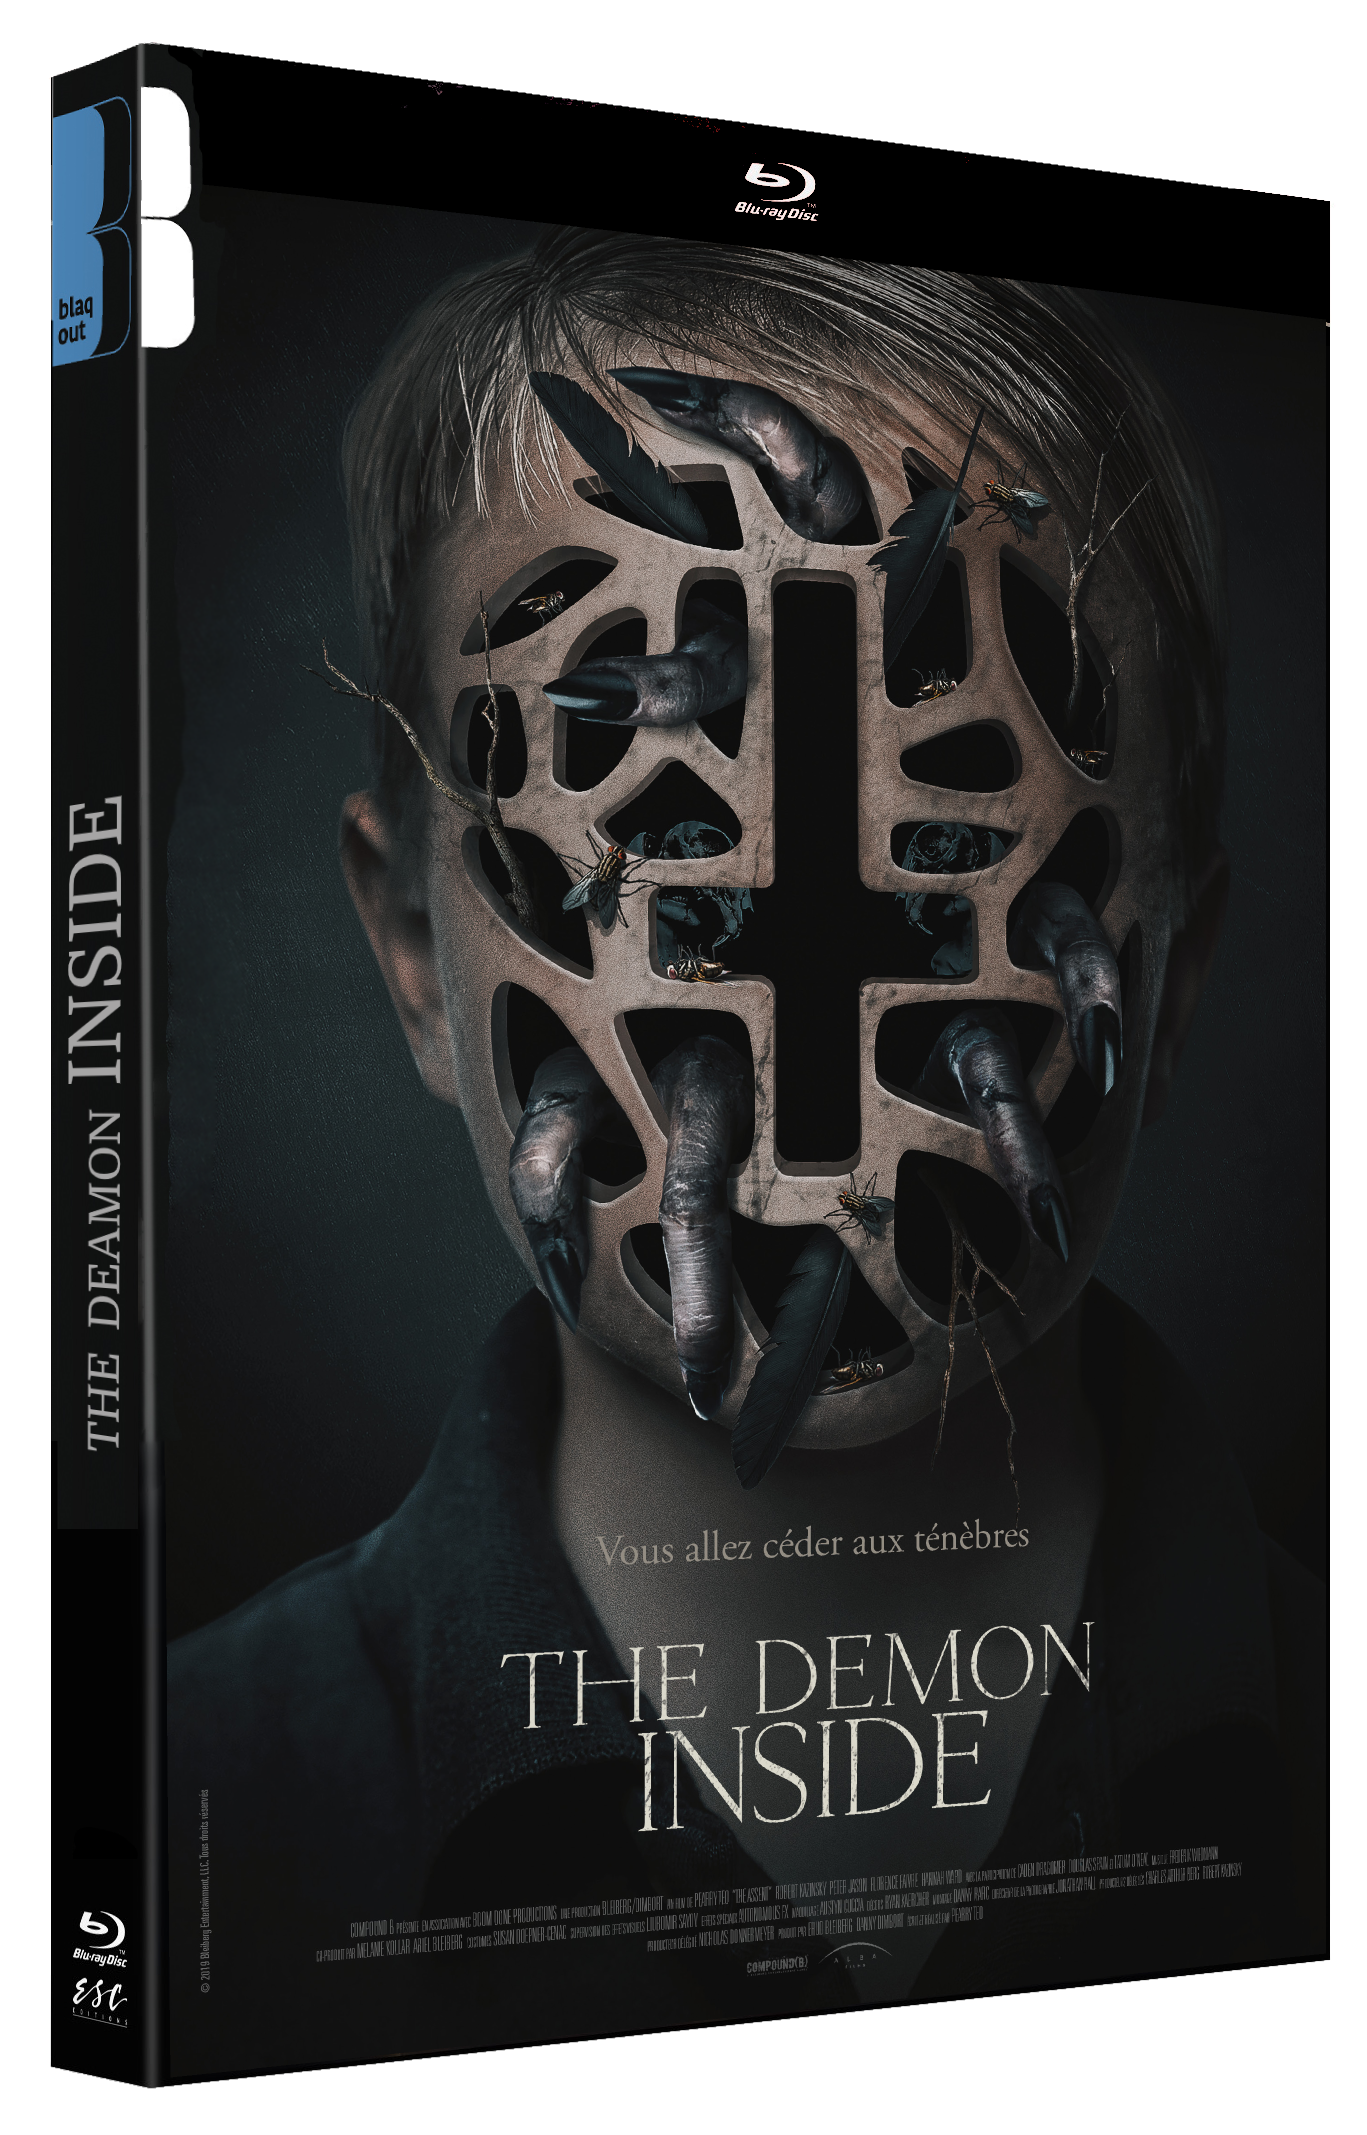 THE DEMON INSIDE - BRD